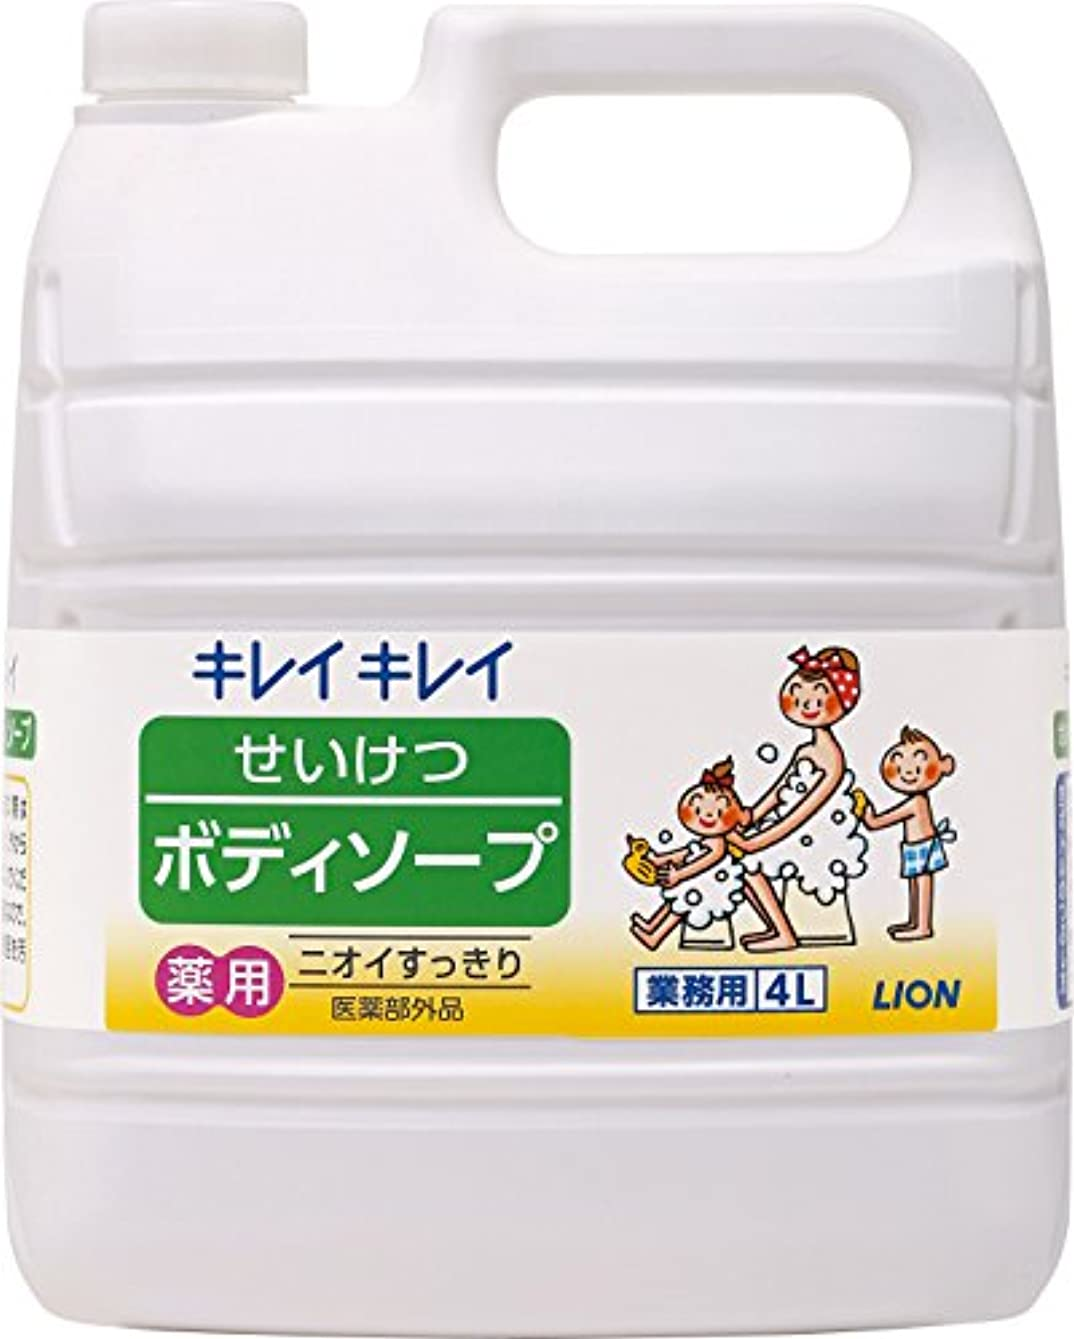 冷酷な太陽ペリスコープ【業務用 大容量】キレイキレイ せいけつボディソープ さわやかなレモン&オレンジの香り 4L(医薬部外品)